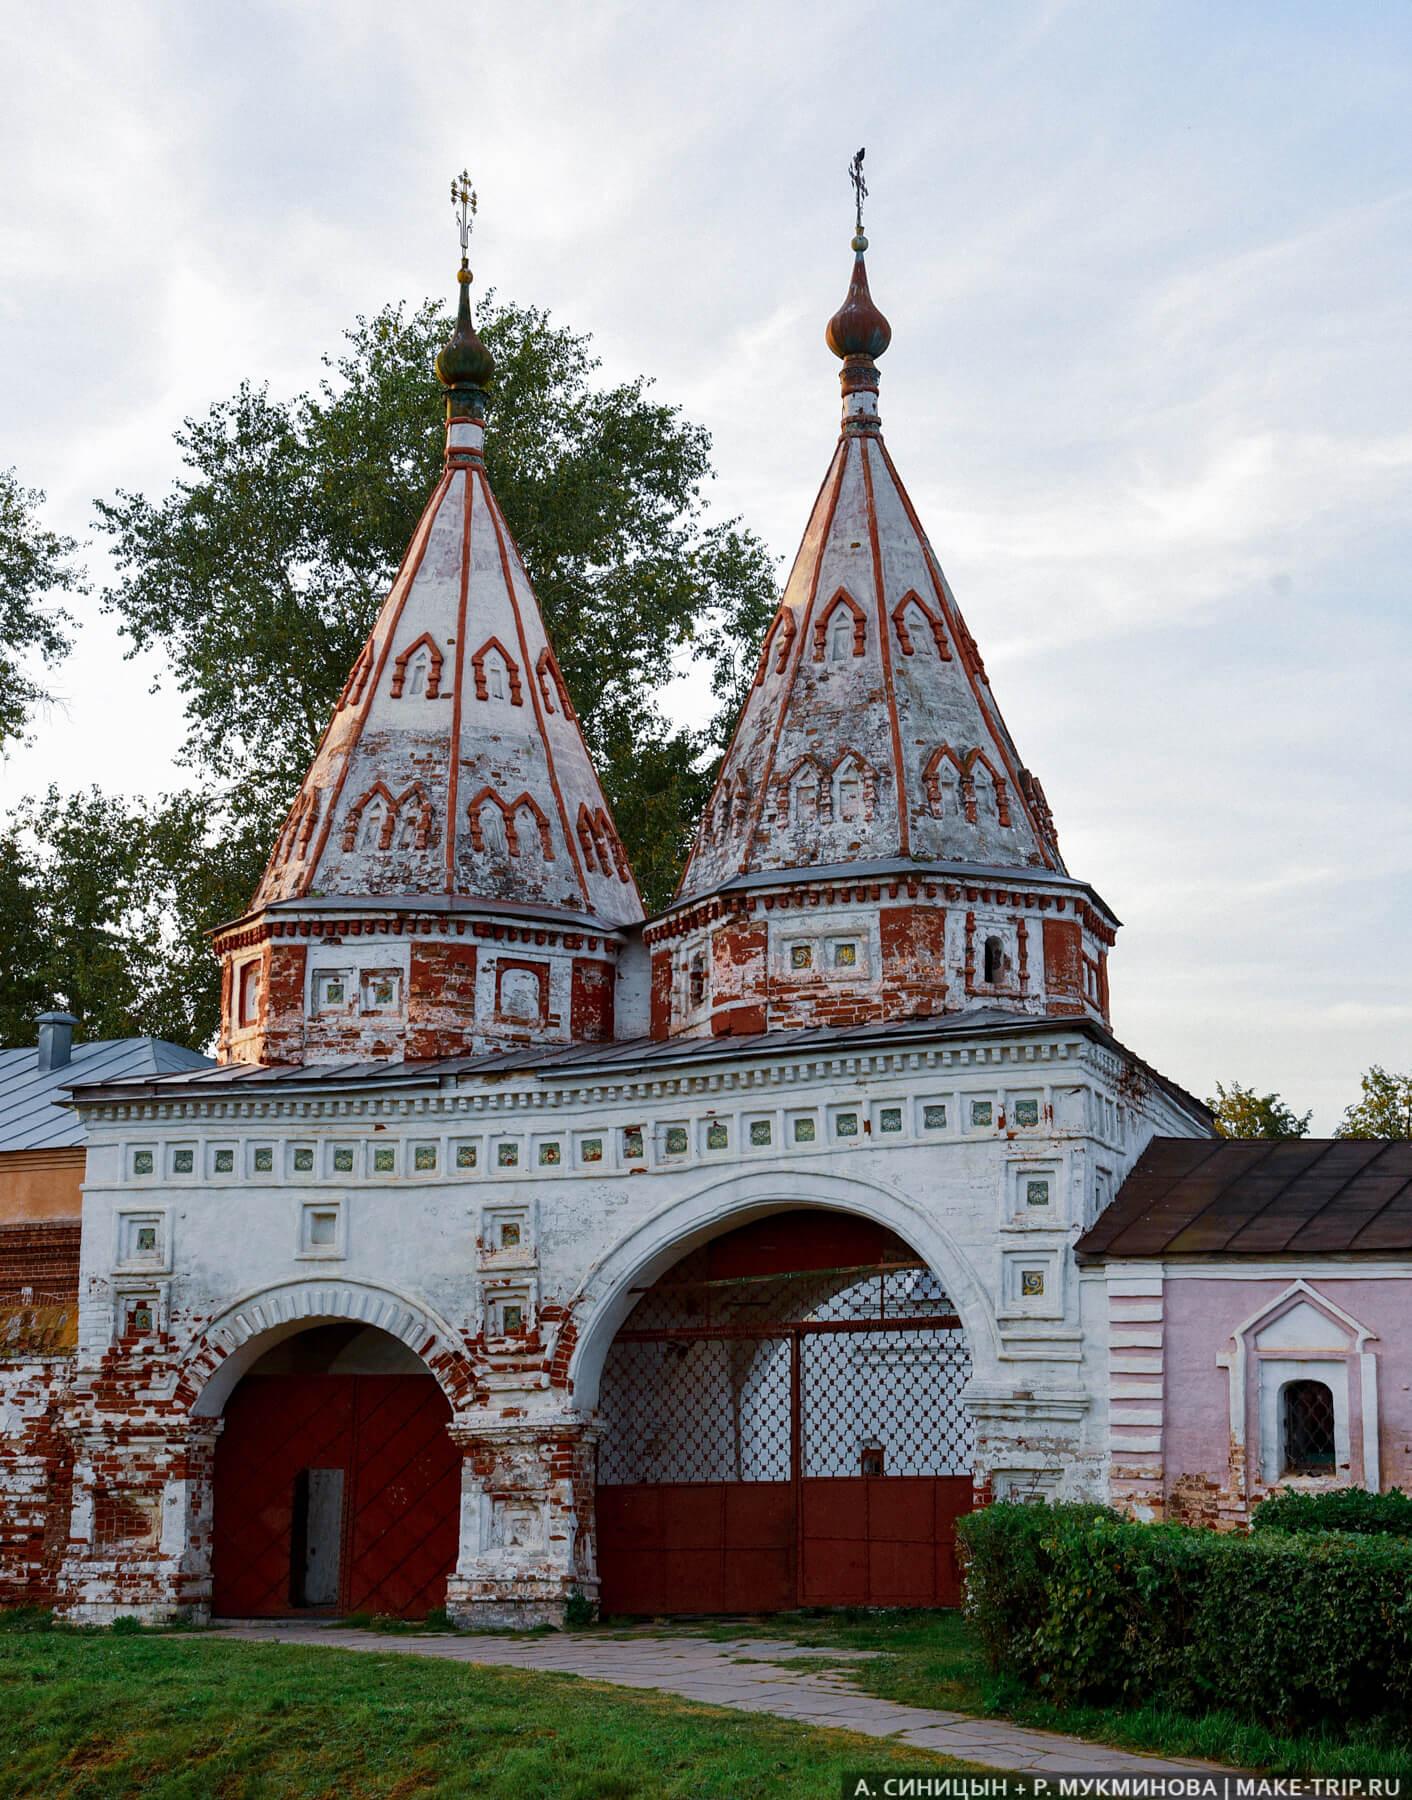 Шатровые Святые ворота Ризоположенского монастыря в Суздале